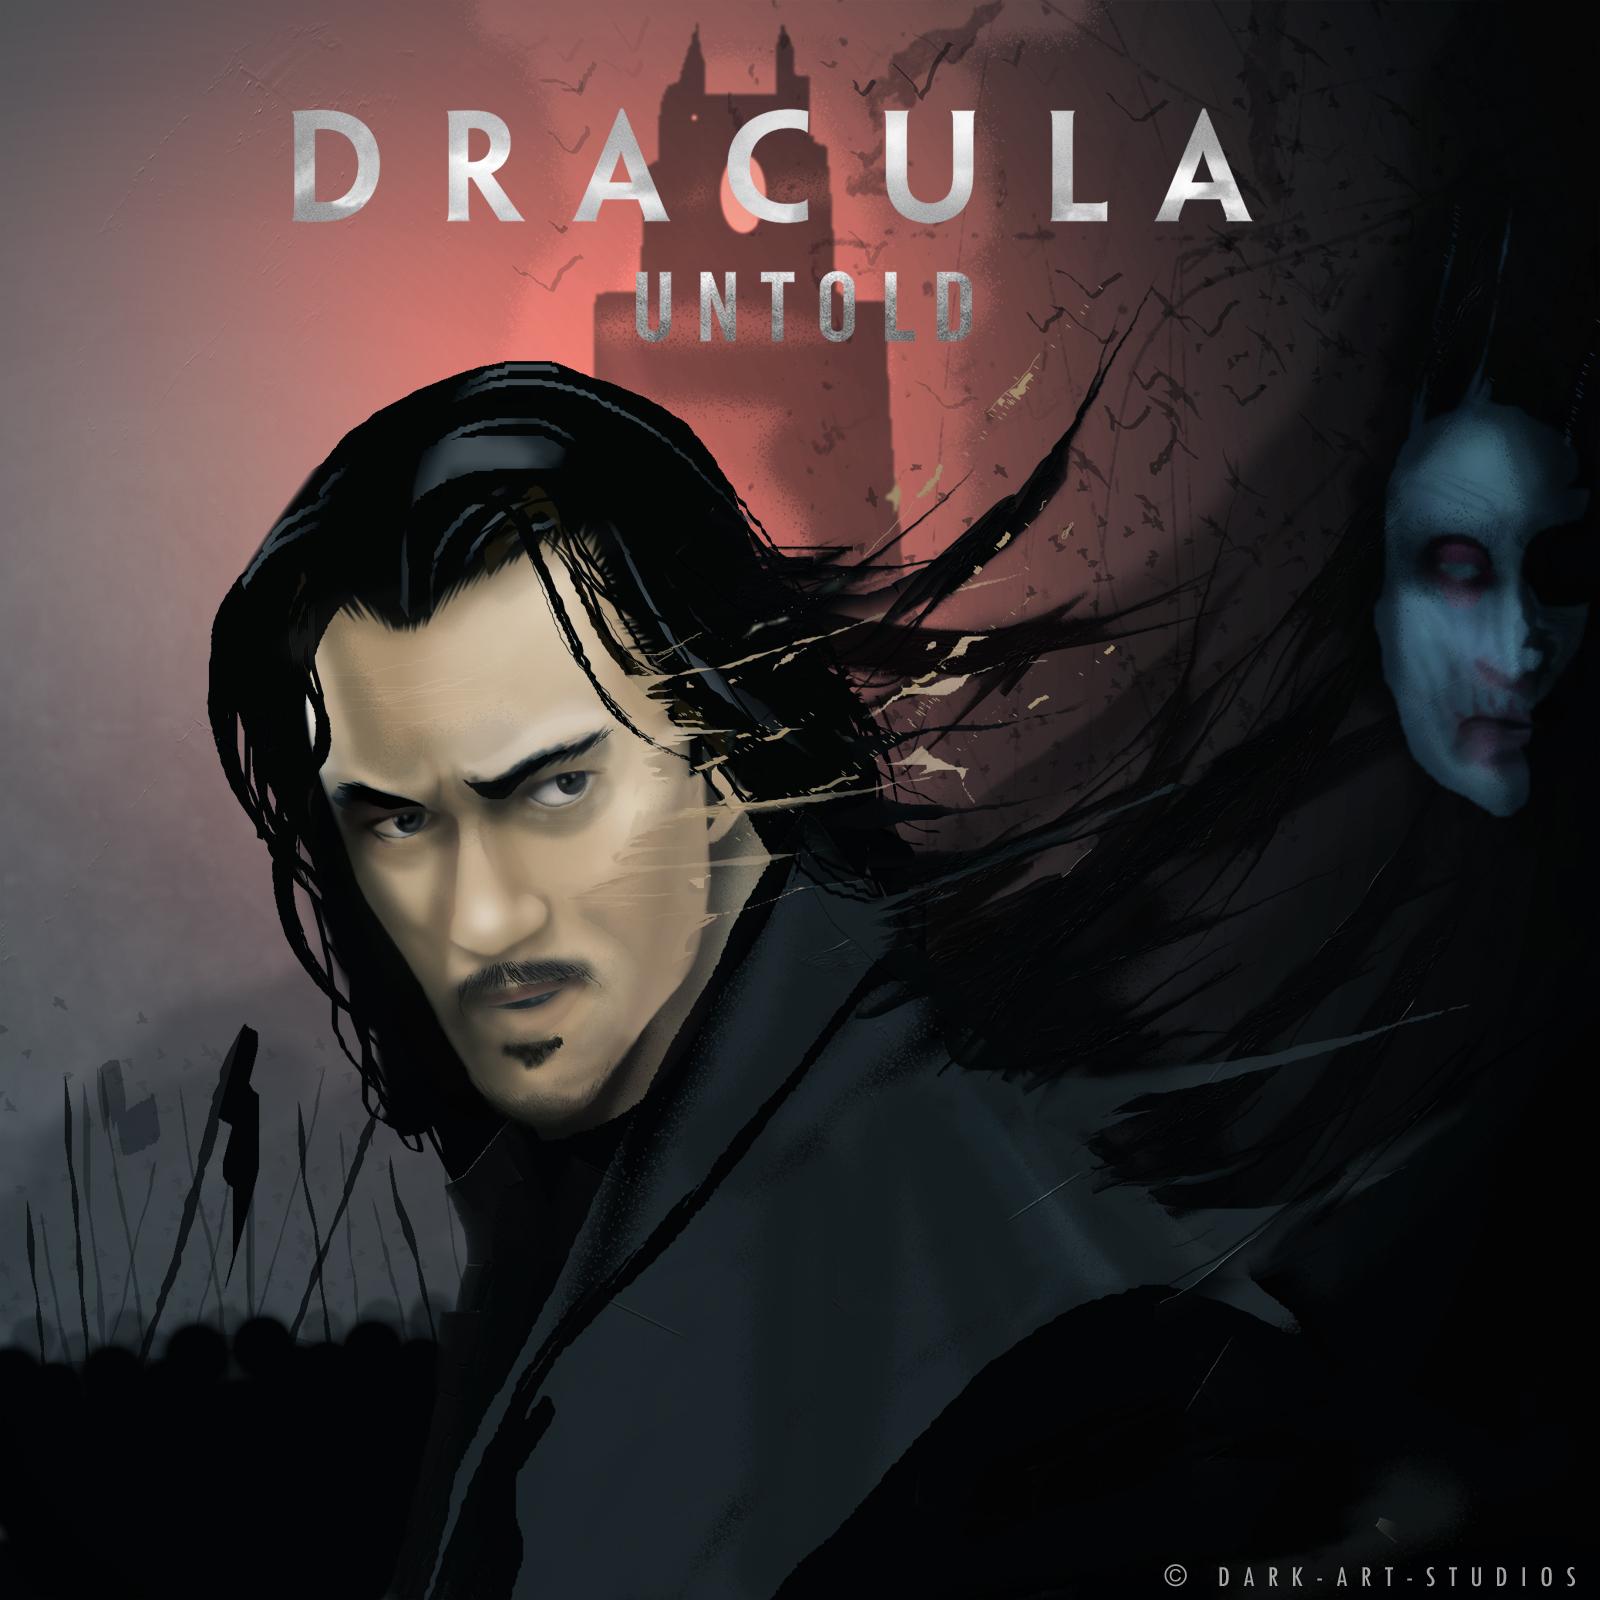 Dracula Untold 2014 By Darioduranf On Deviantart